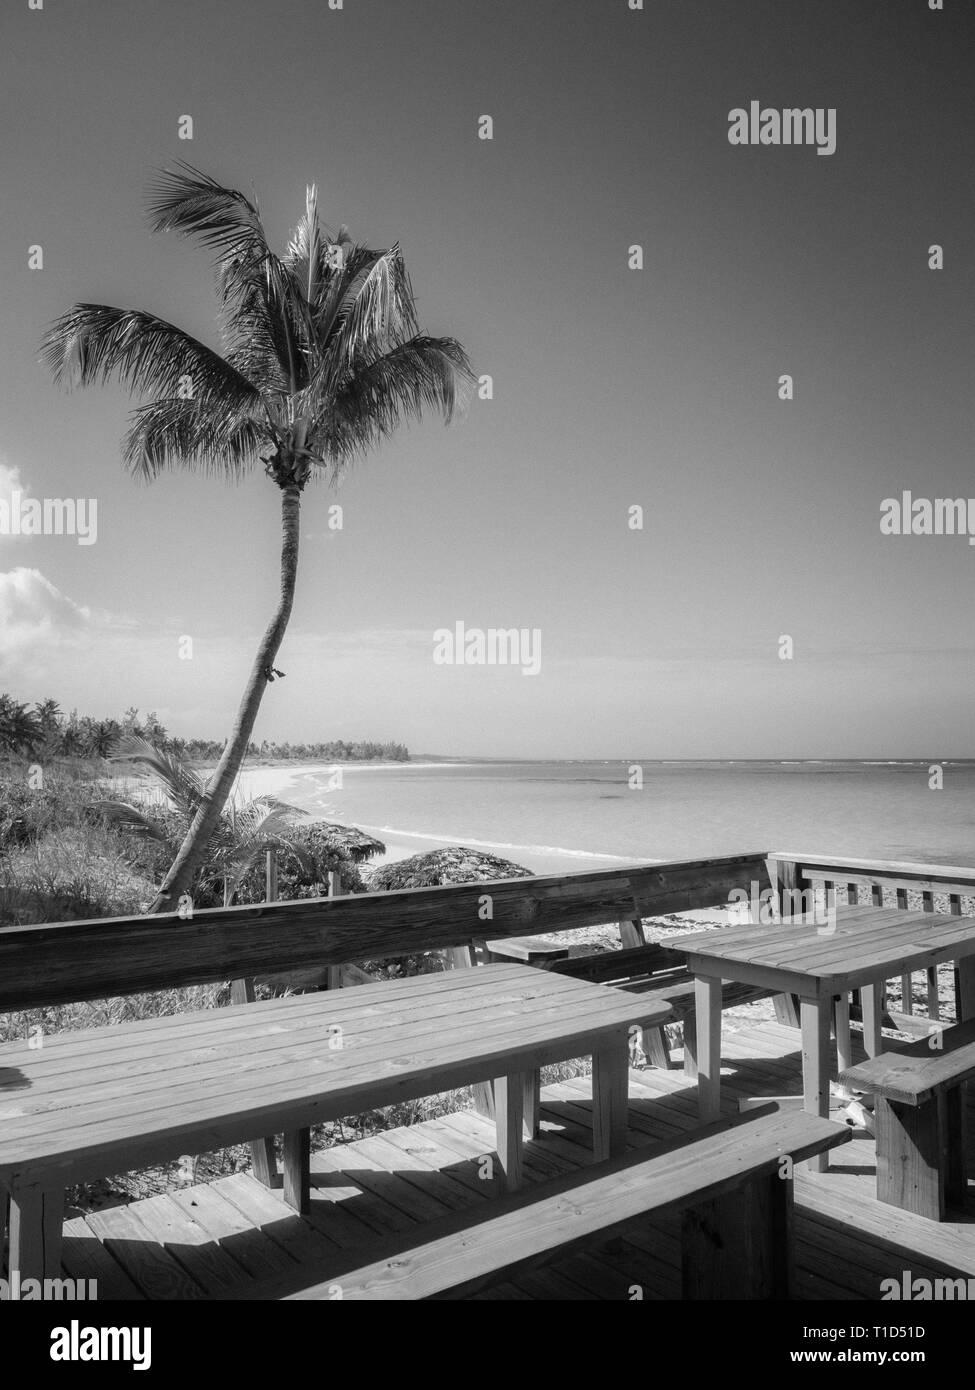 Blanco y Negro paisaje de costa, Tippy's Restaurant y Bar en la playa, al norte de Palmetto Point, en Eleuthera, Bahamas. Foto de stock